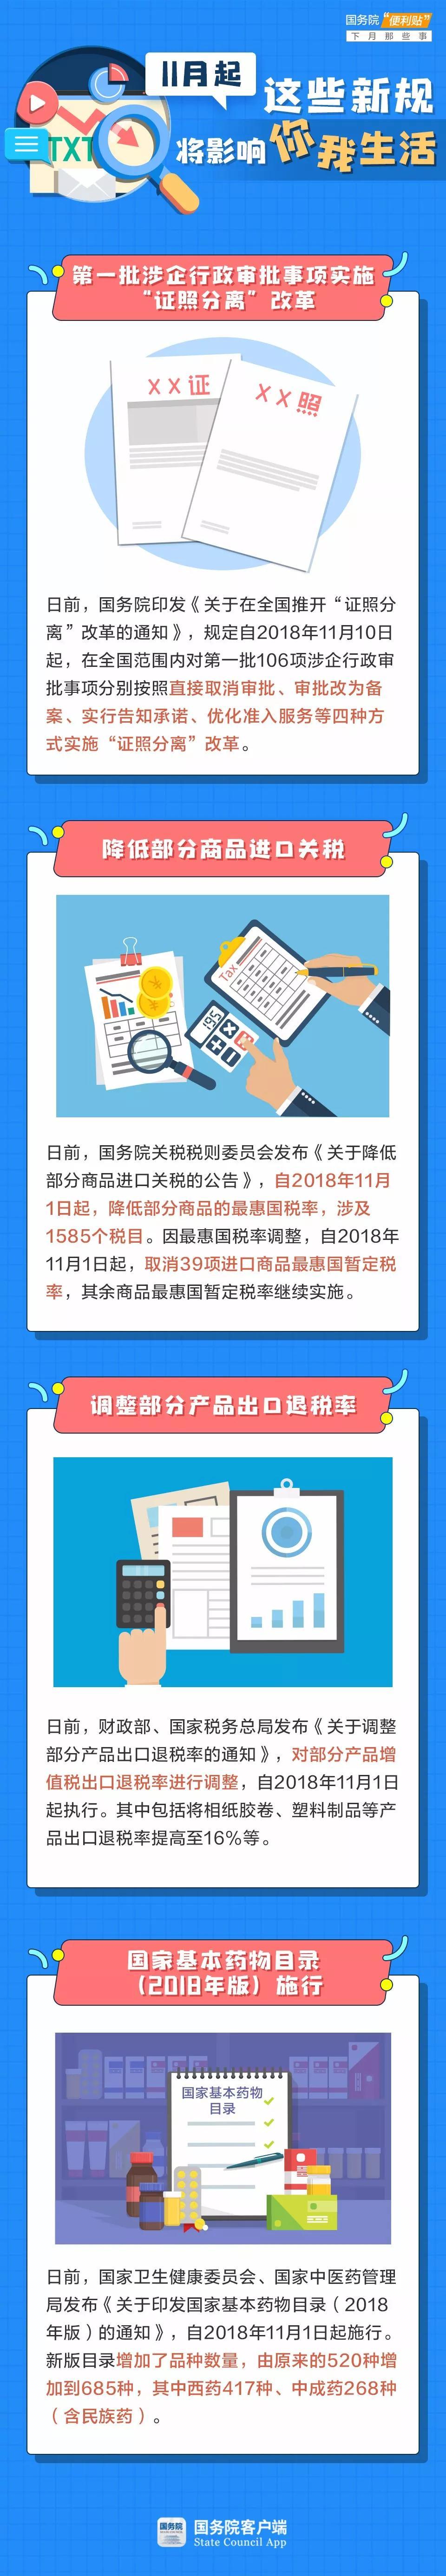 2019年云南公务员考试时政:11月新规将影响你我生活